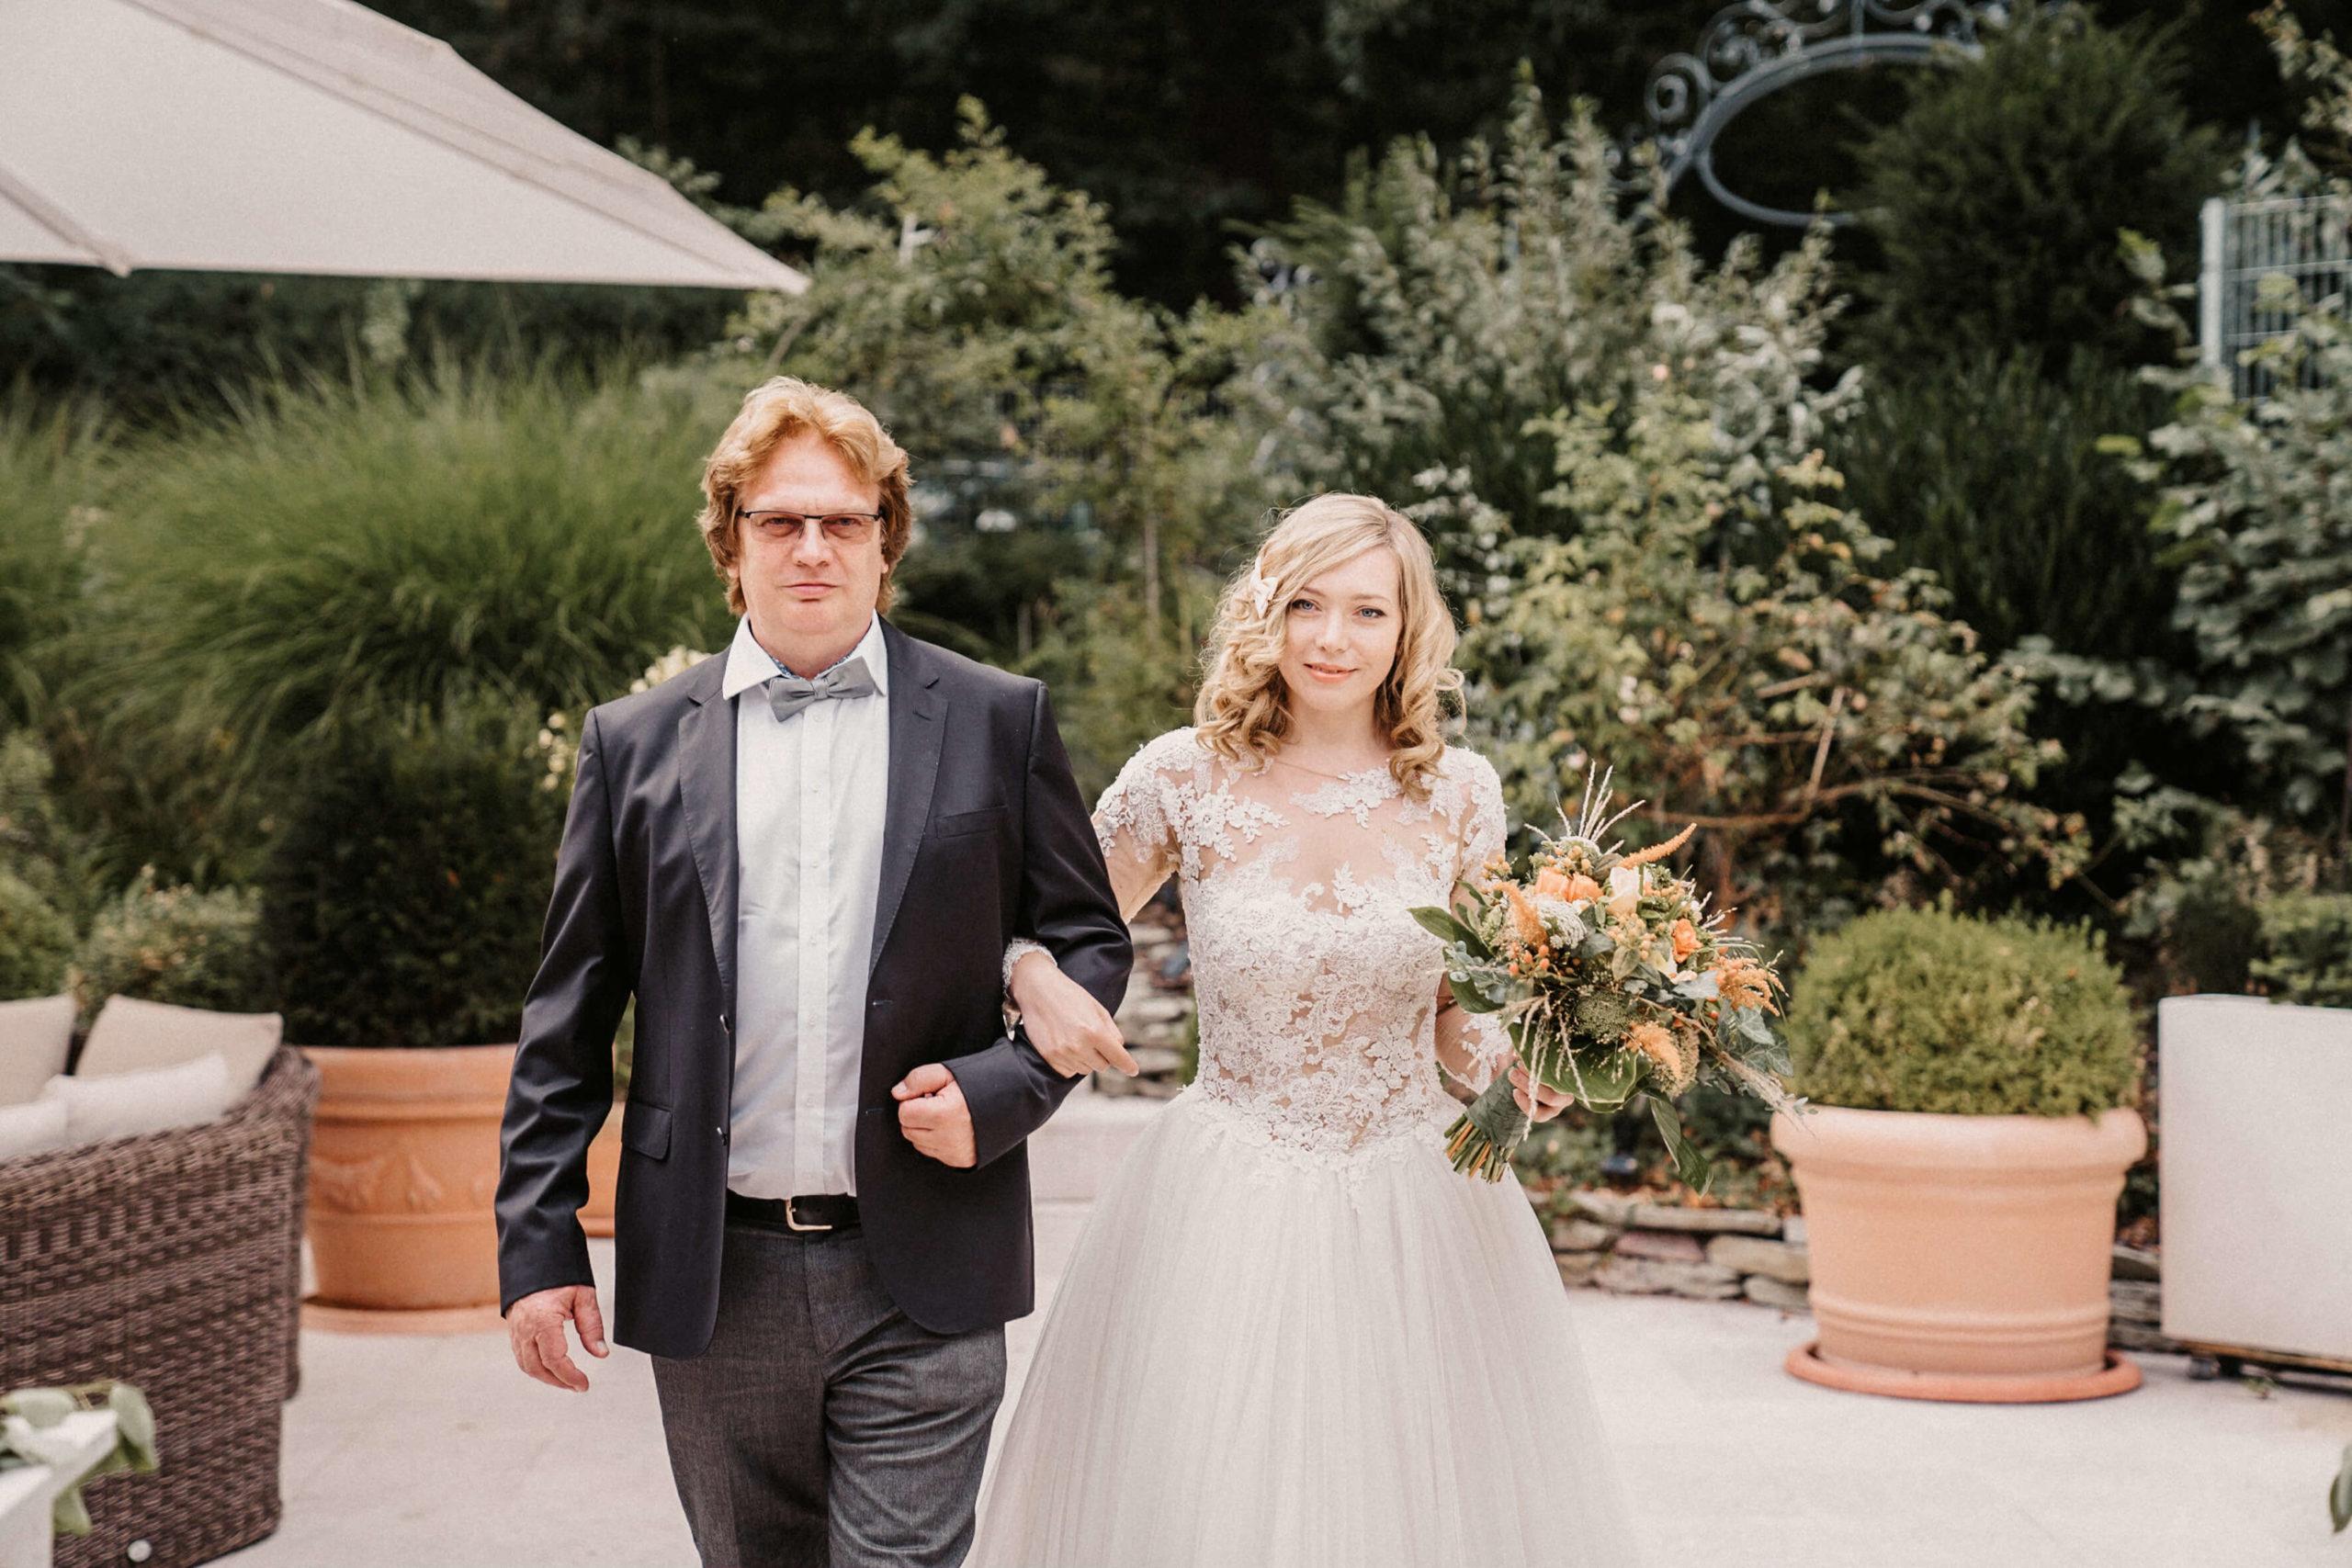 hochzeitsfotograf darmstadt heiraten im chausseehaus in wiesbaden